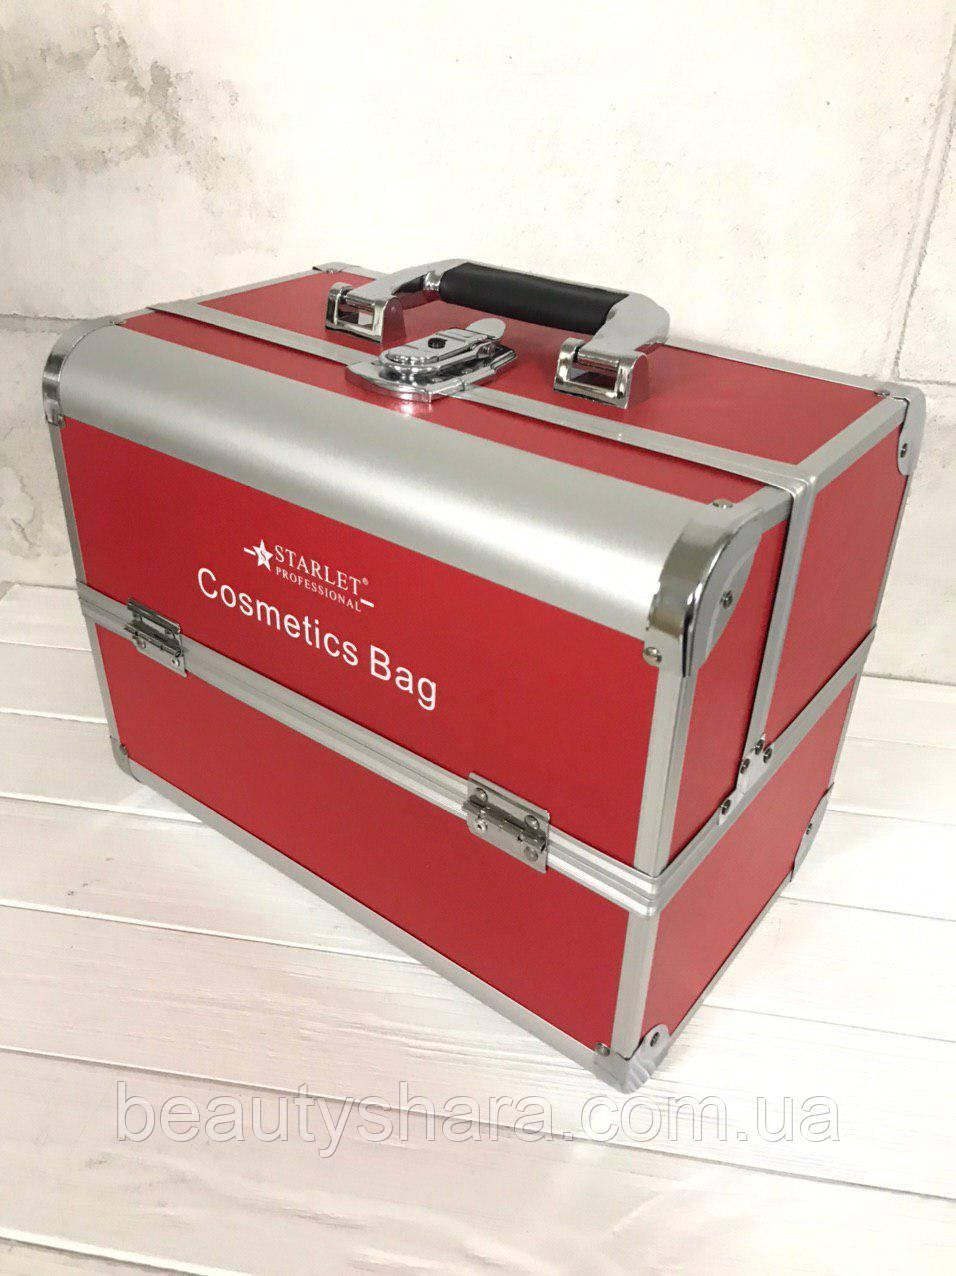 Кейс для косметики алюминиевый Starlet (красный)